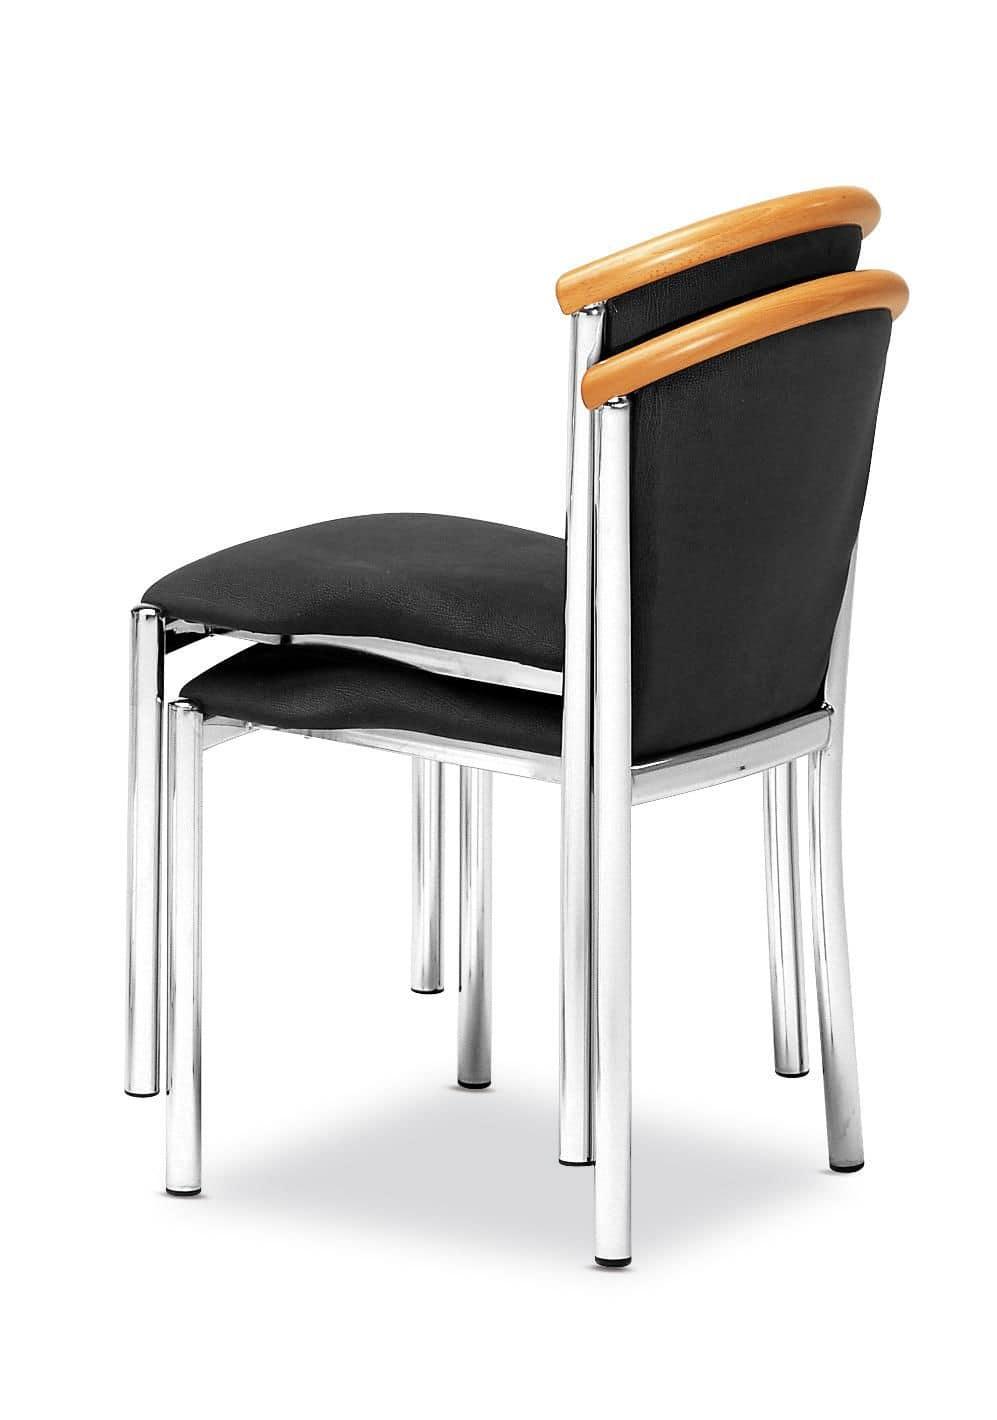 Art.Dolly, Sedia con struttura in acciaio cromato, seduta e schienale imbottiti, copertura in tessuto, per ambienti contract e domestici